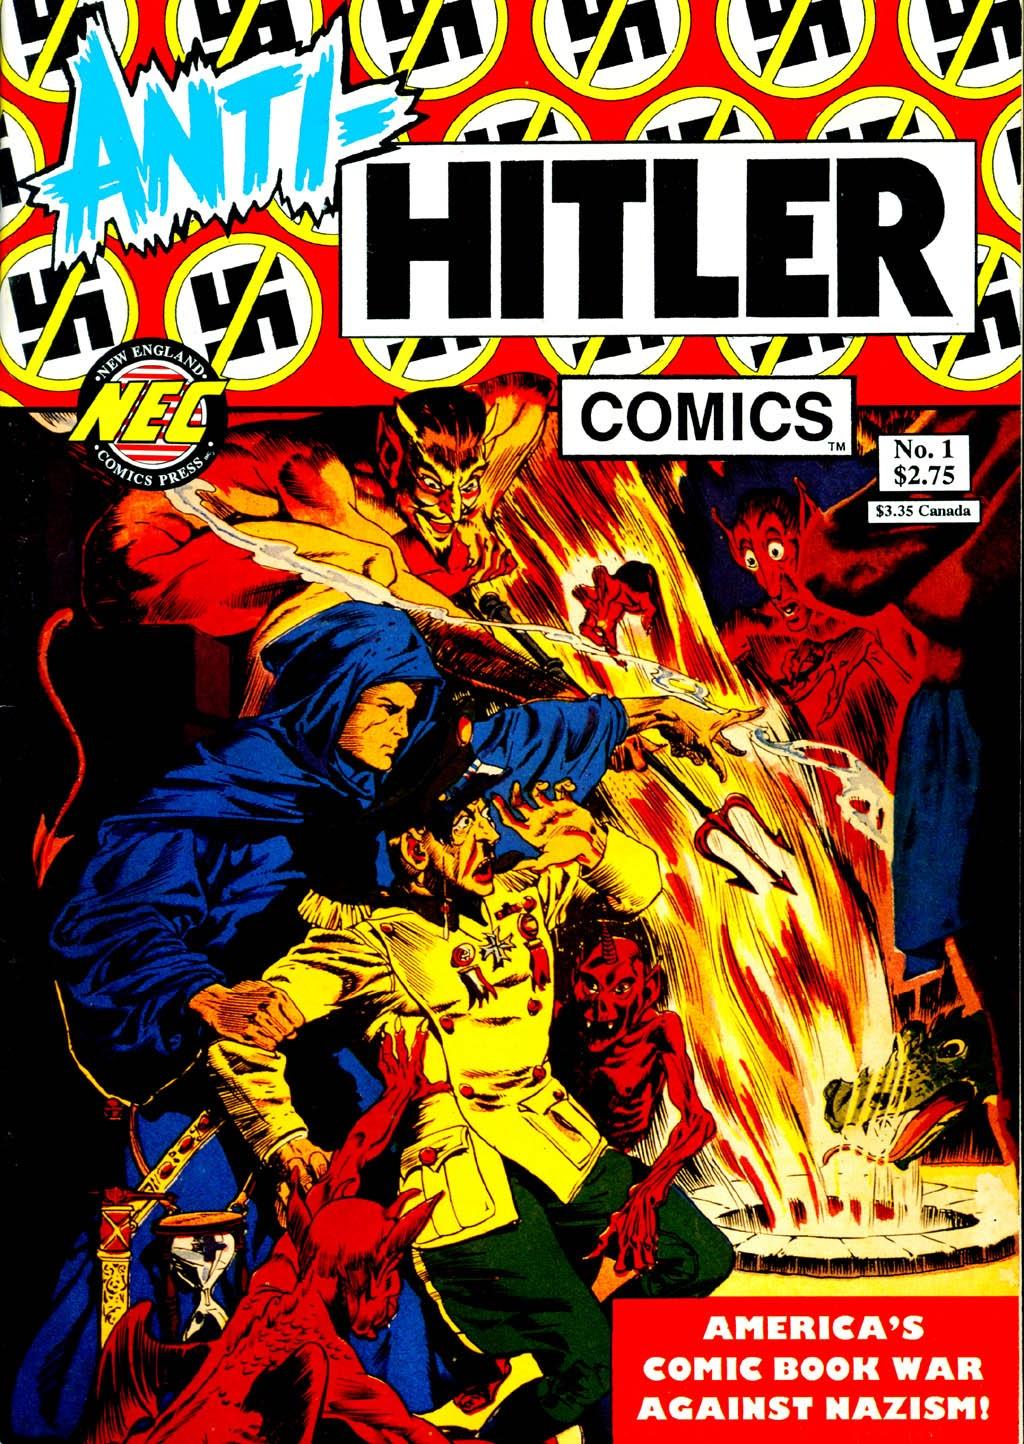 Anti-Hitler Comics Full Page 1